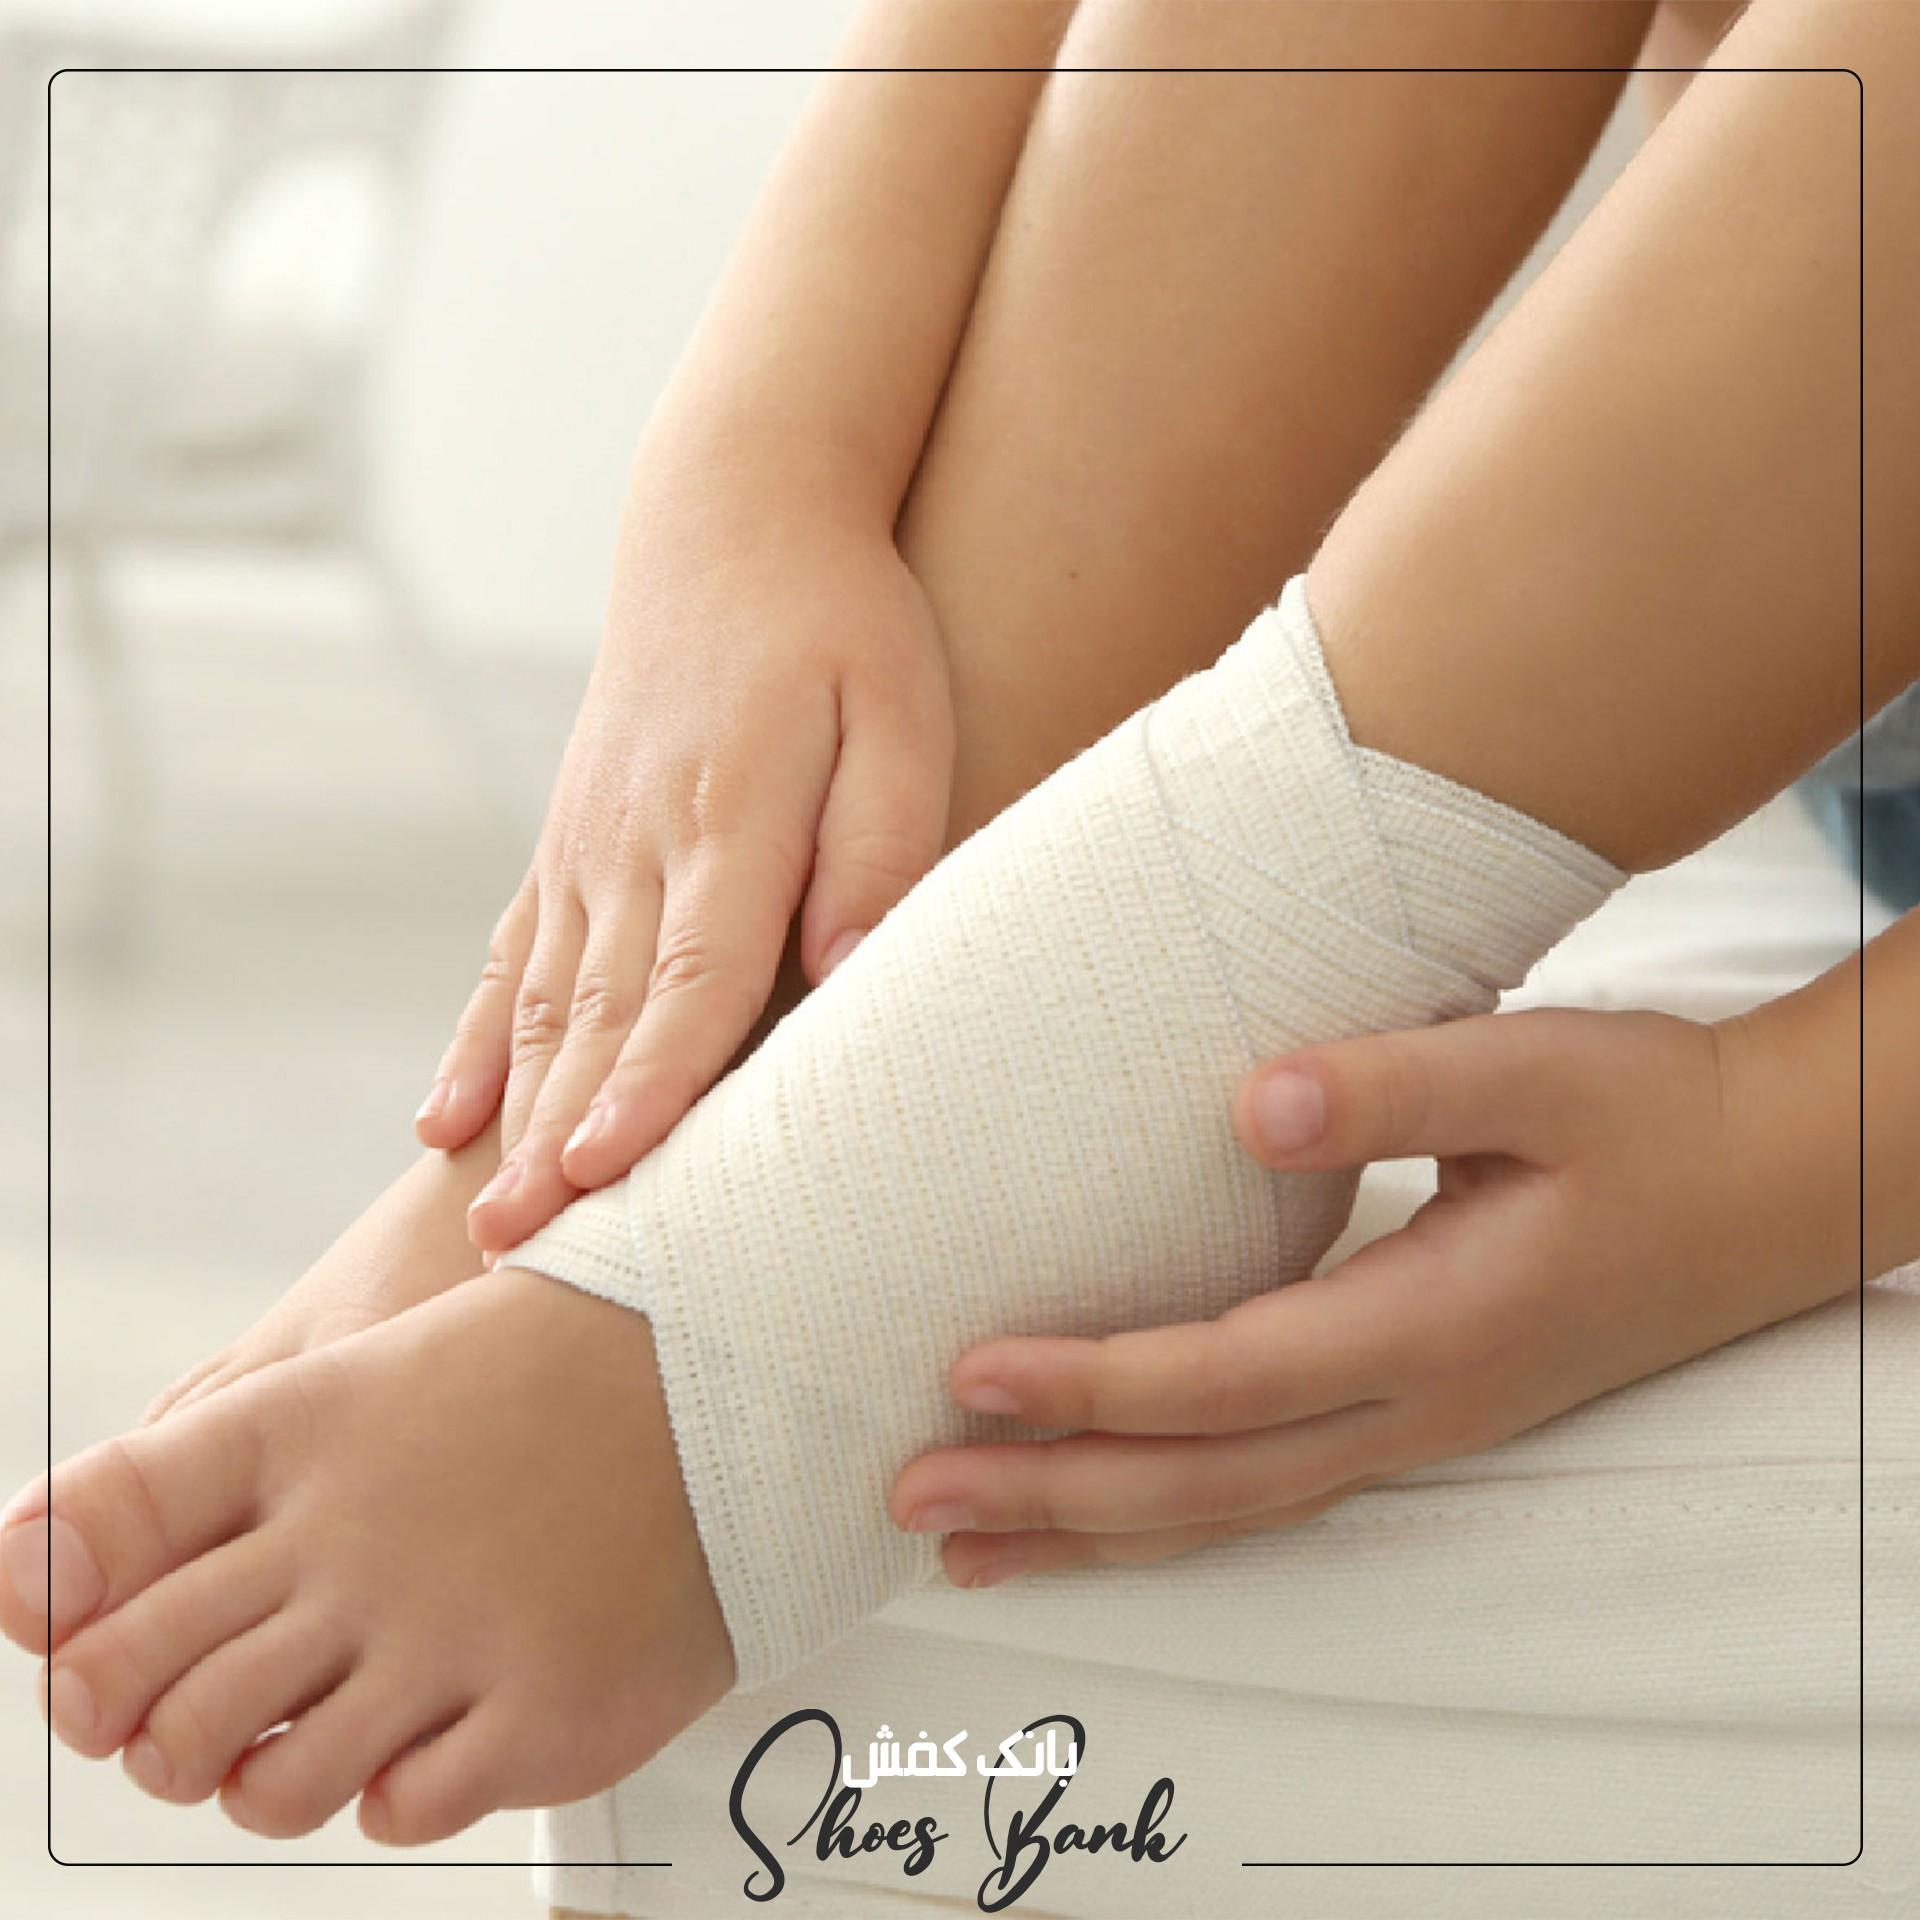 هر آسیب و جراحتی که به مچ پا وارد شود حتی اگر مدتها قبل اتفاق افتاده باشد میتواند سالها بعد منجر به آرتروز مچ پا شود.